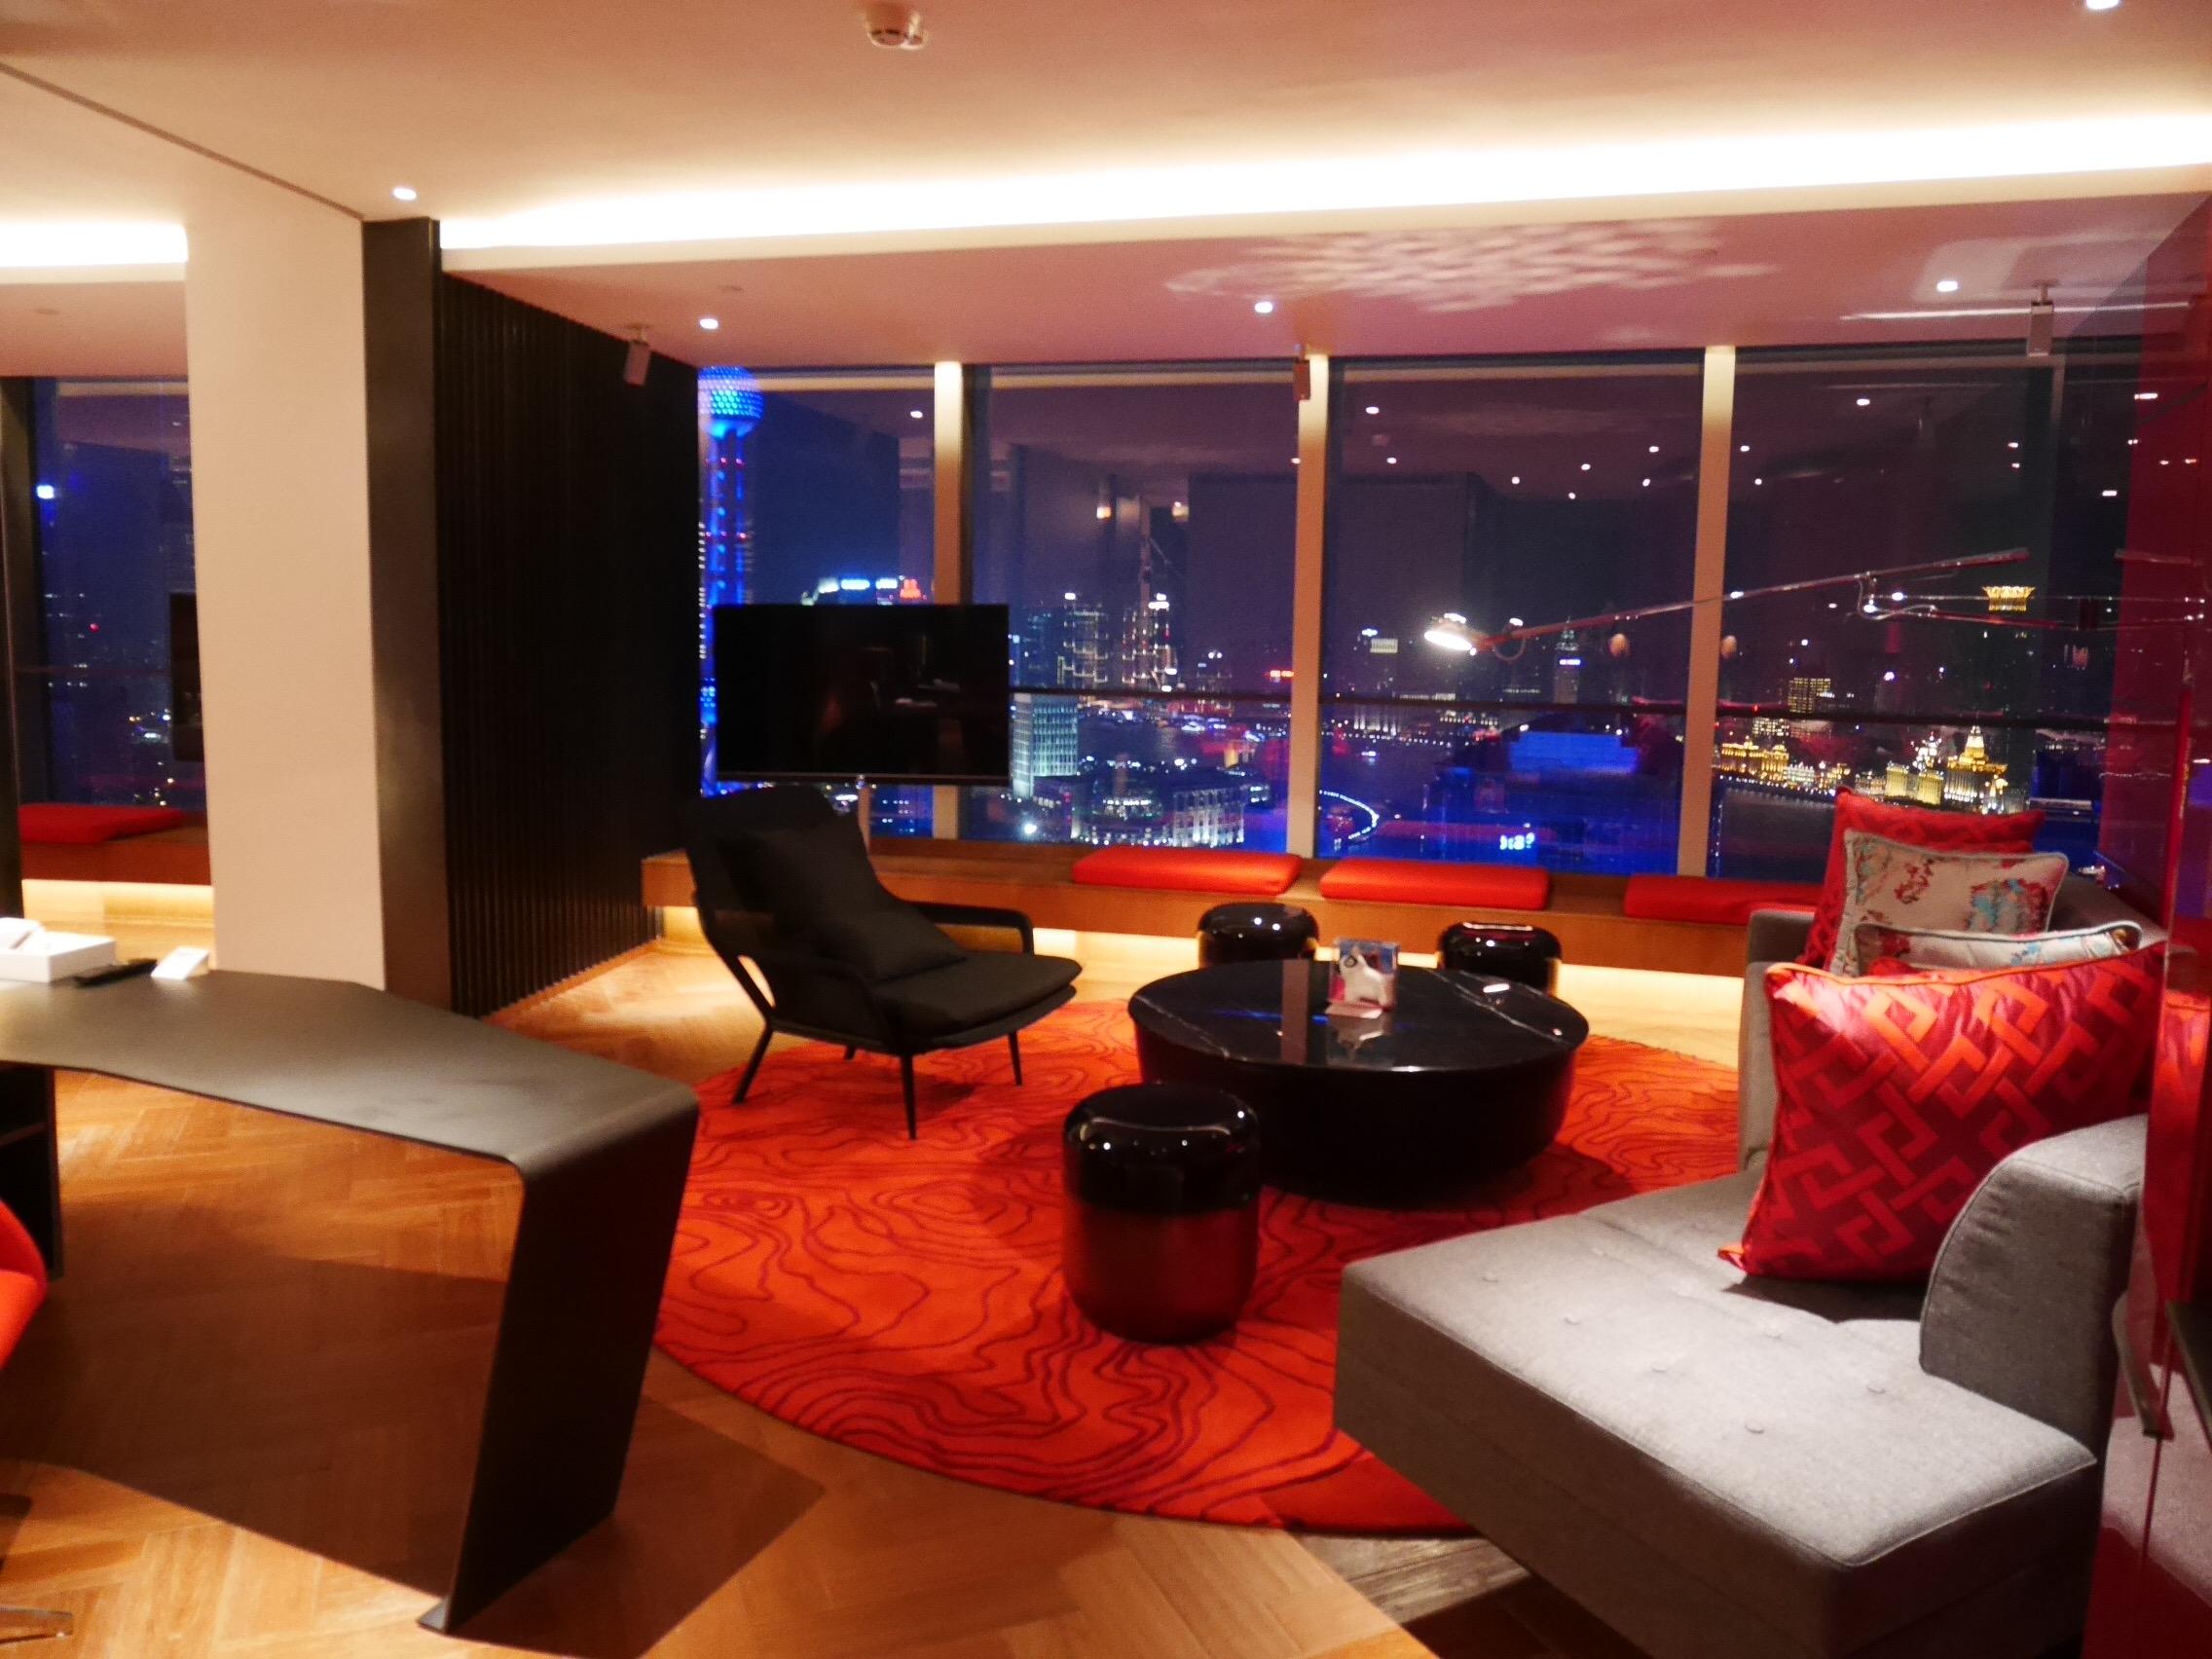 img 6880 - W HOTEL - 上海No.1の景色を楽しむホテル